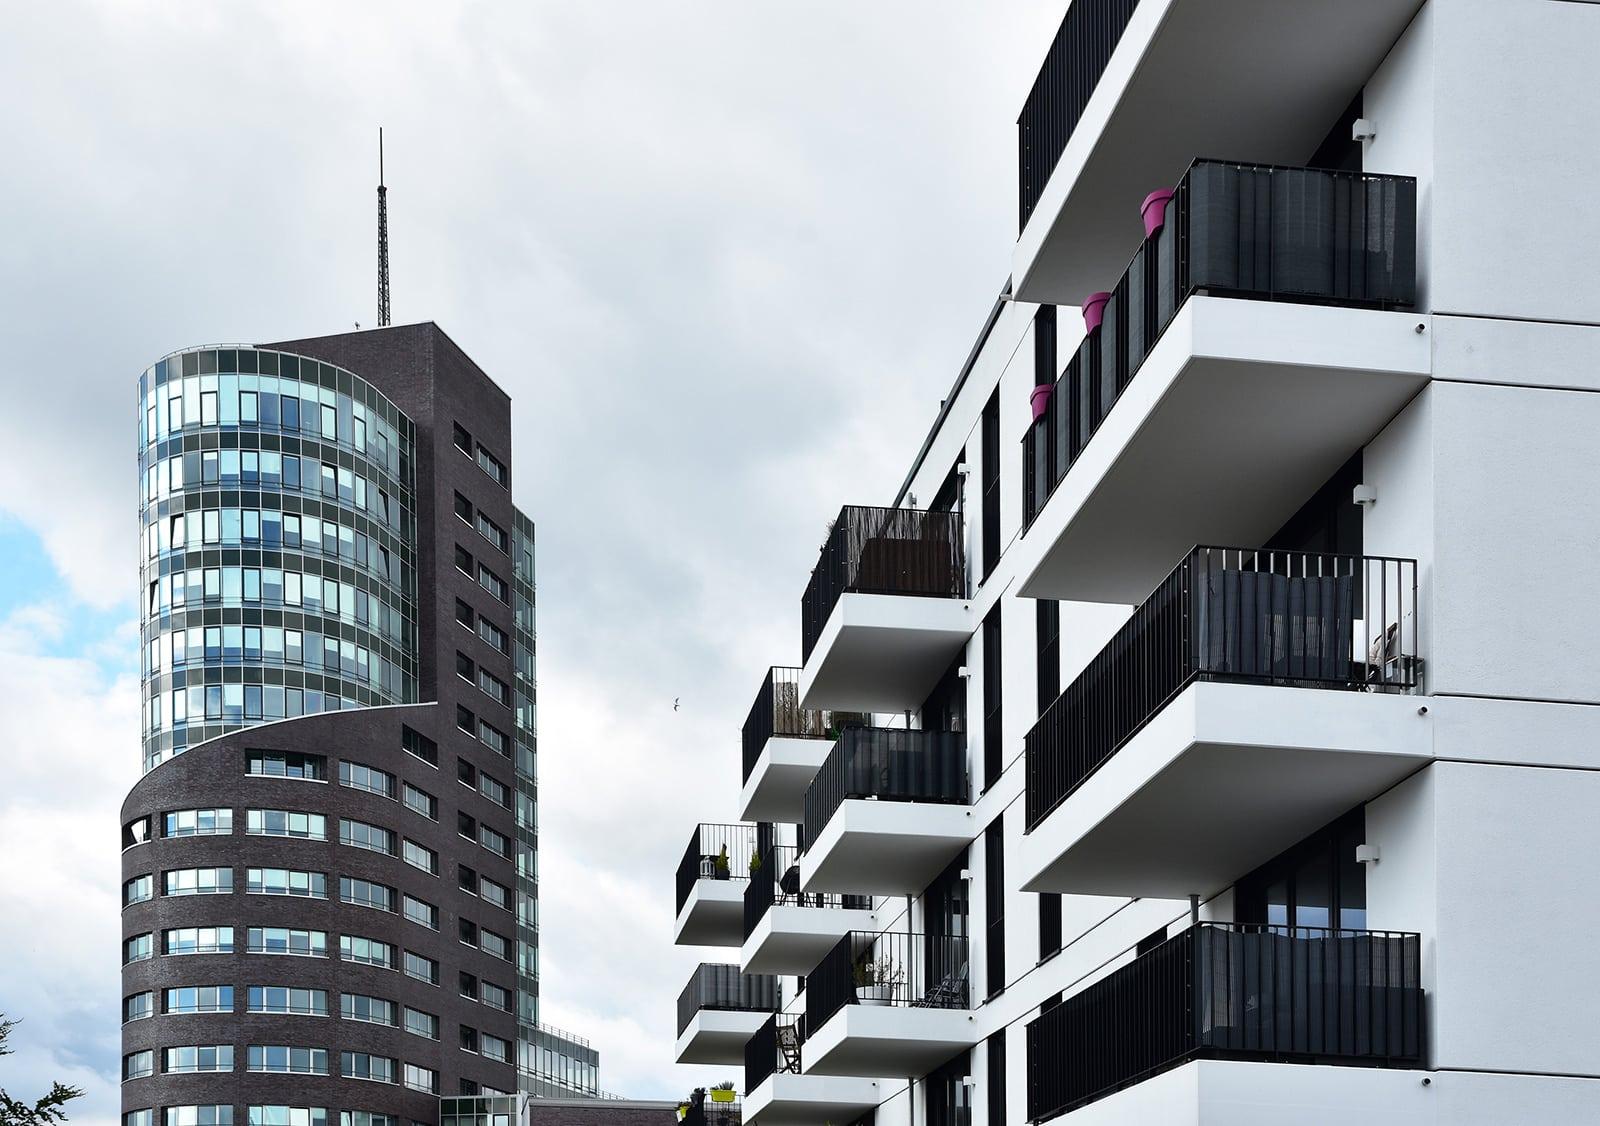 Baugenehmigungen Hamburg: Hh Wohnen Harburger Bruecken, Foto: Feldhaus